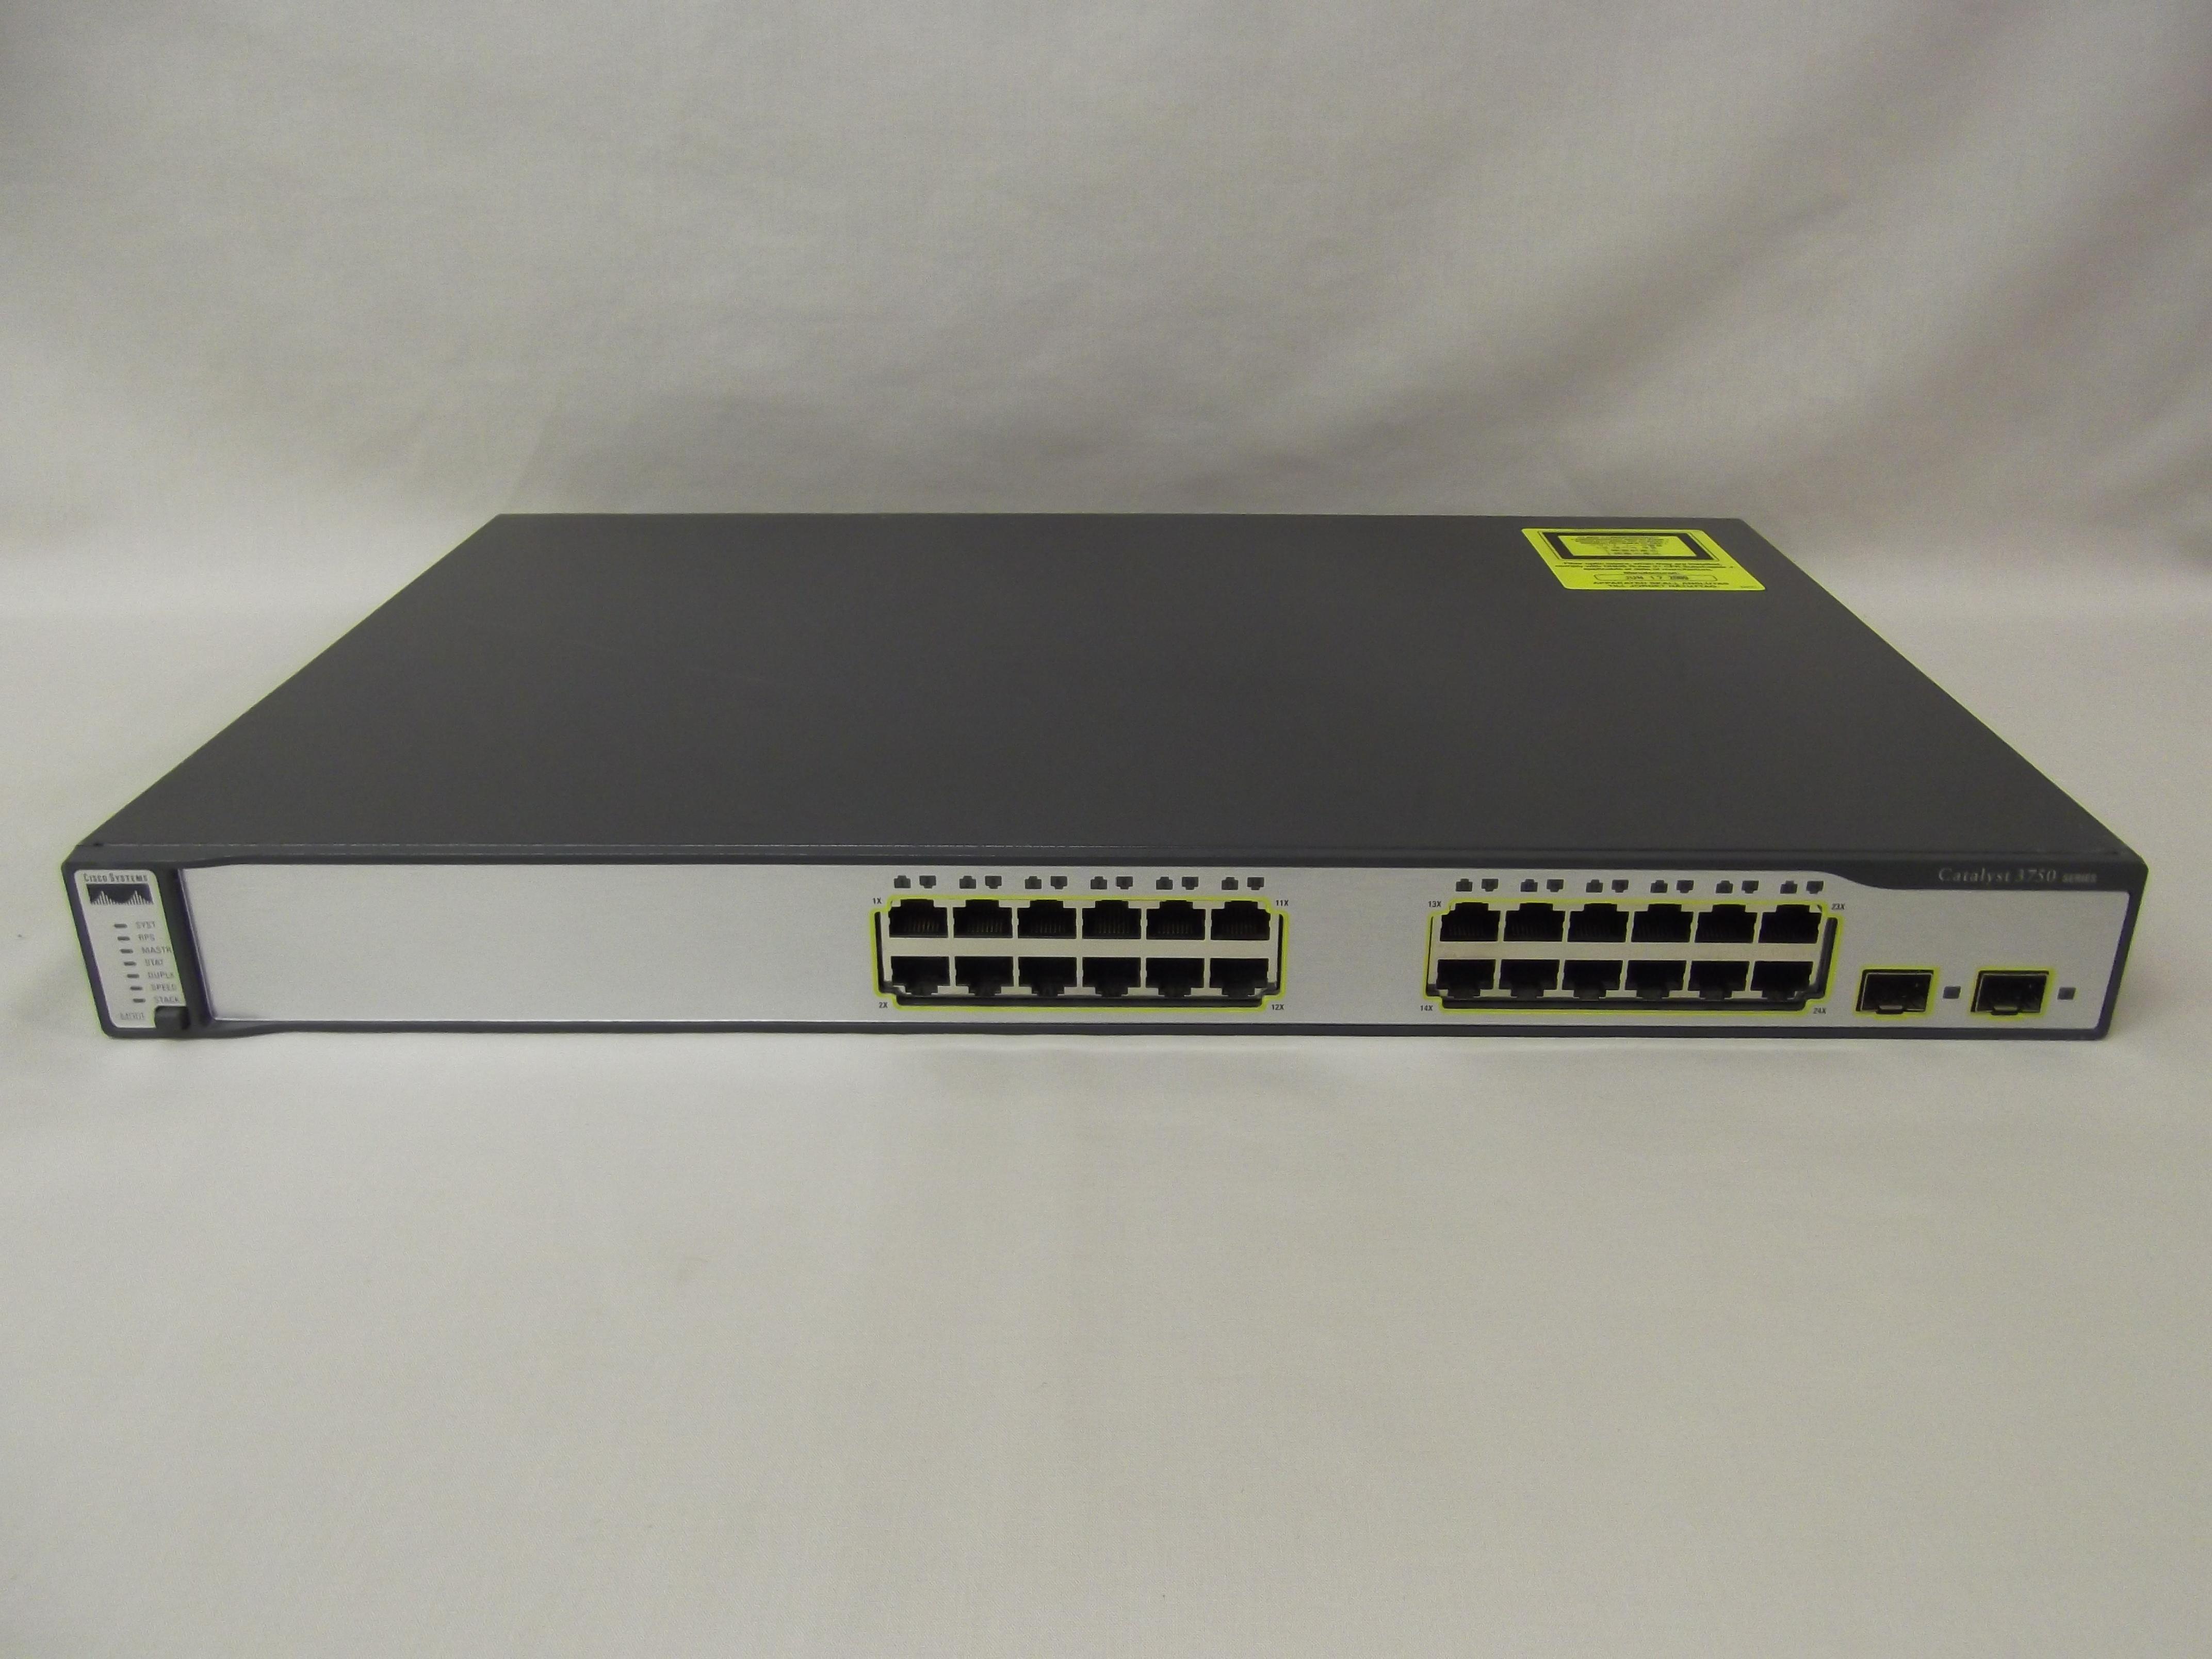 WS-C3750-24TS-S Cisco Catalyst 3750 24 10/100 Ports + 2 SFP